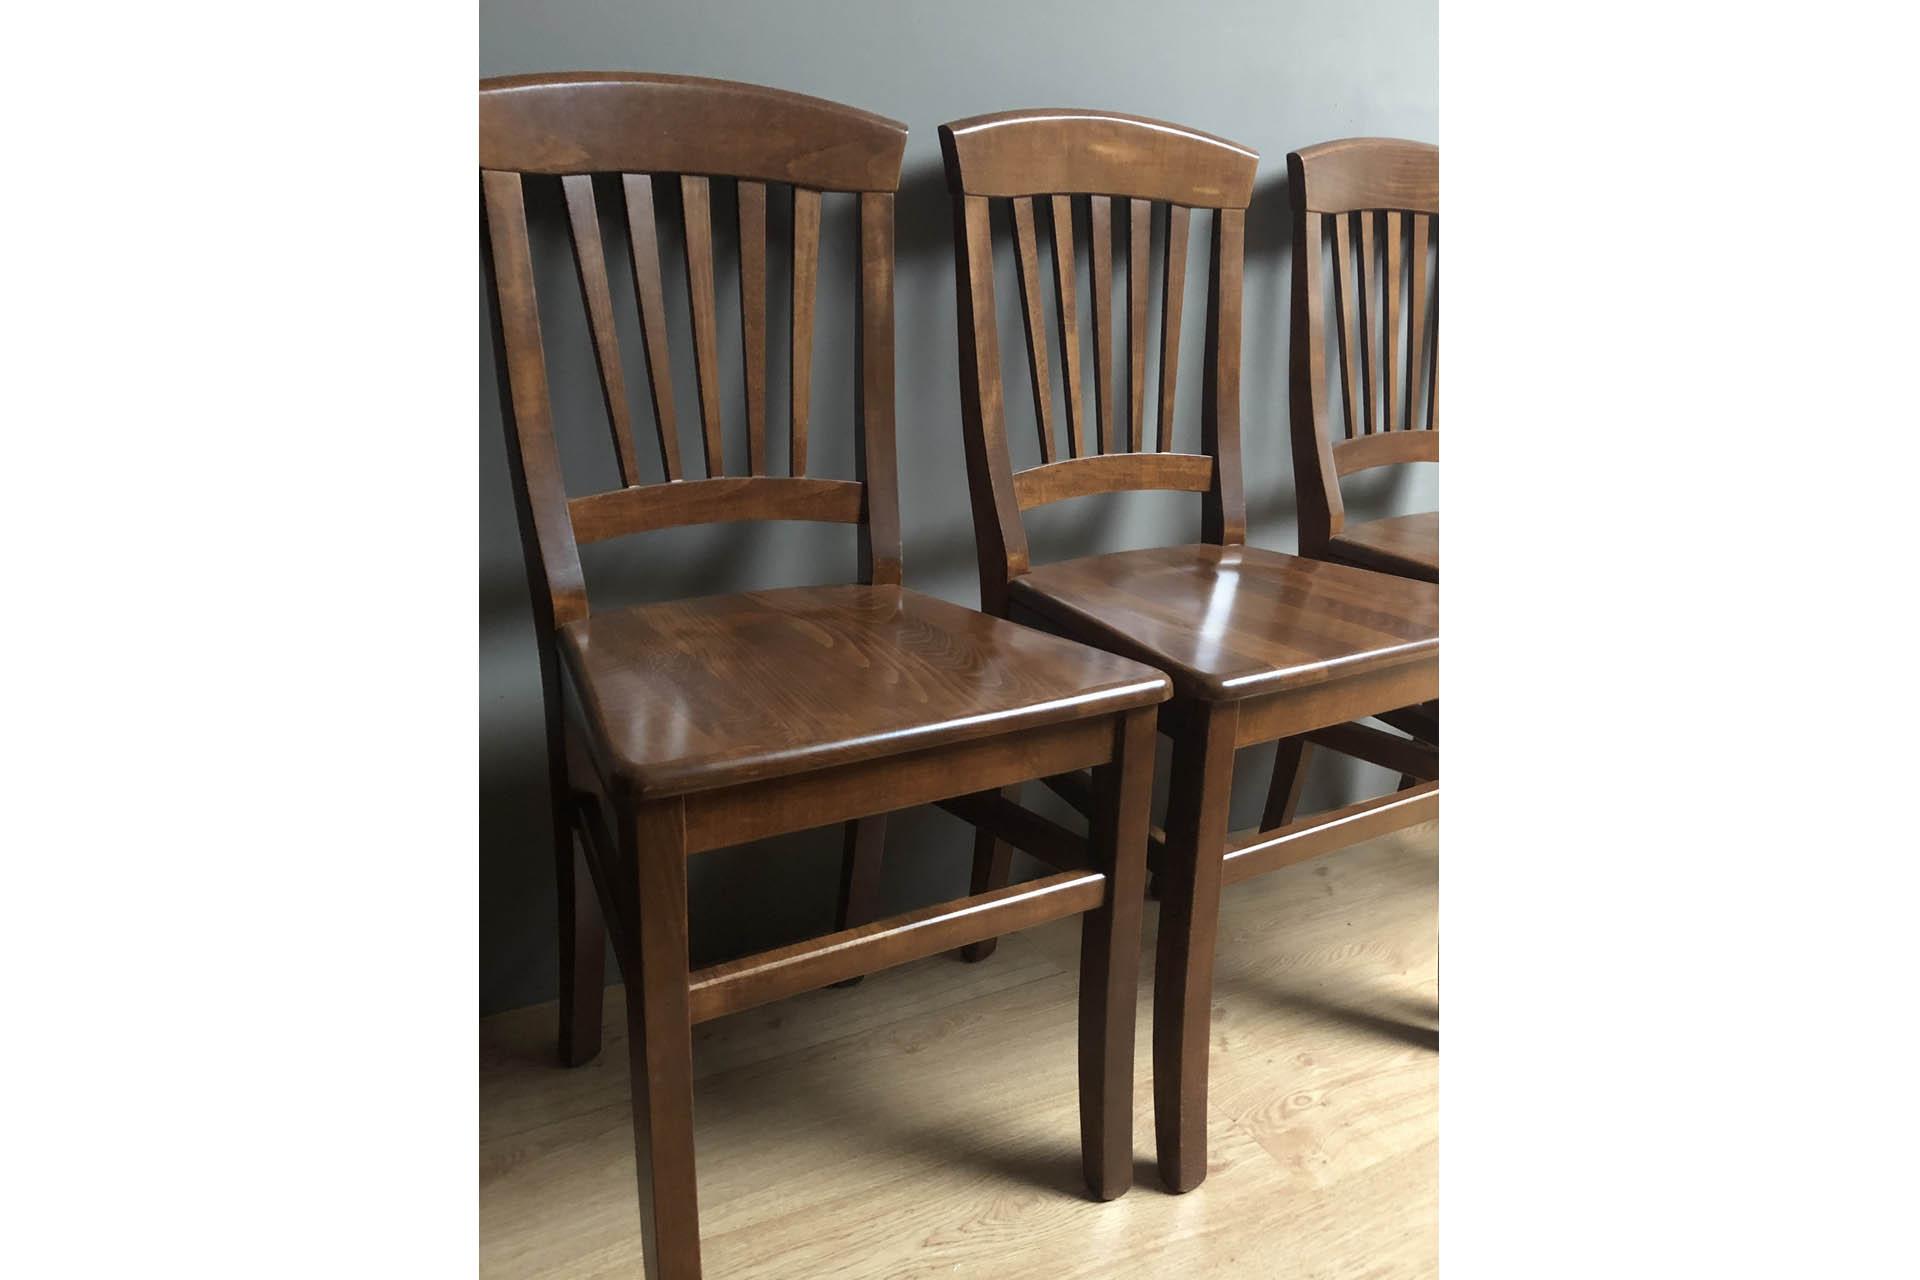 sedie-2306-2-piodarredamenti